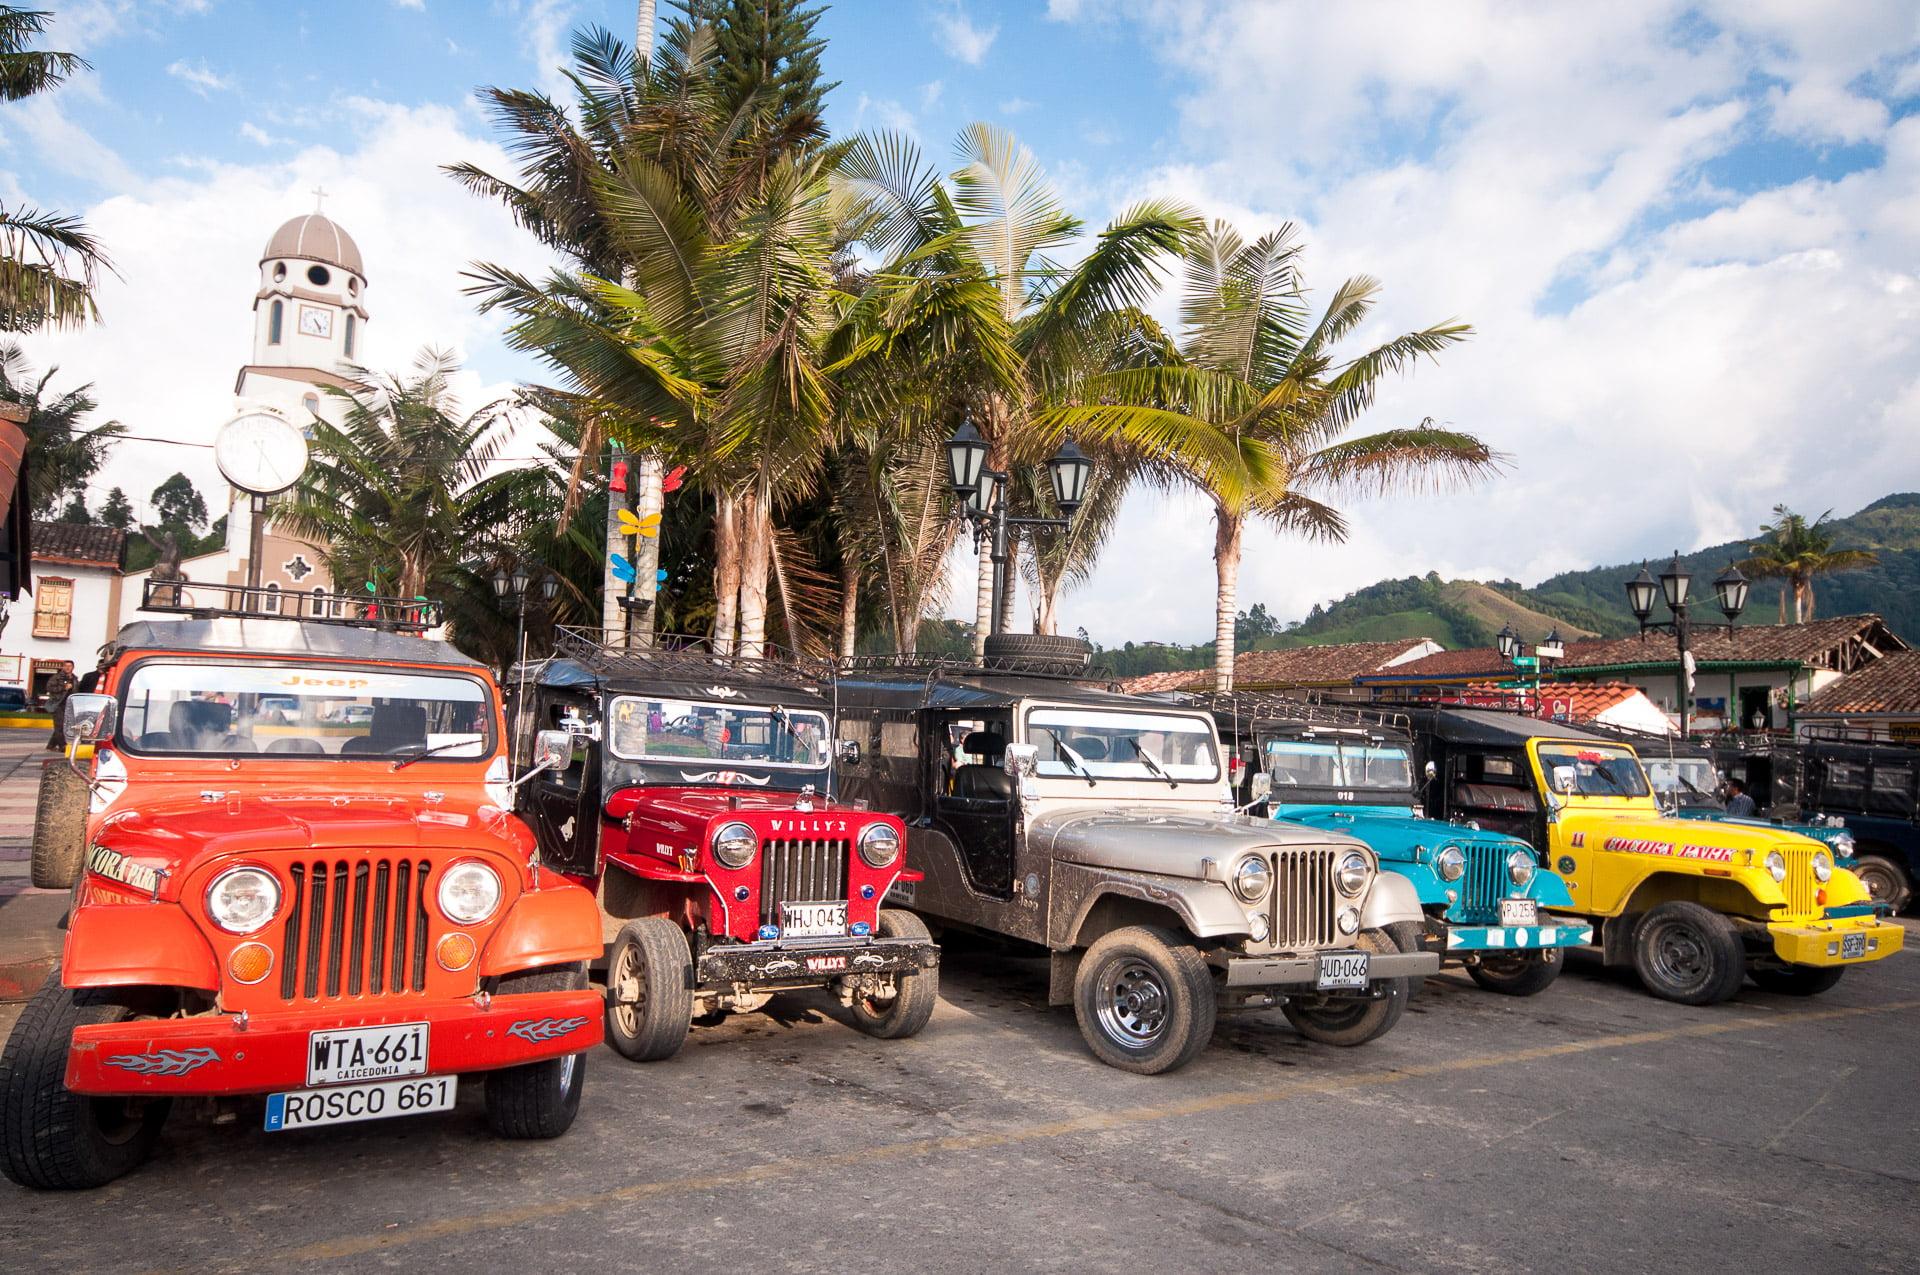 salento jeep - Les globe blogueurs - blog voyage nature